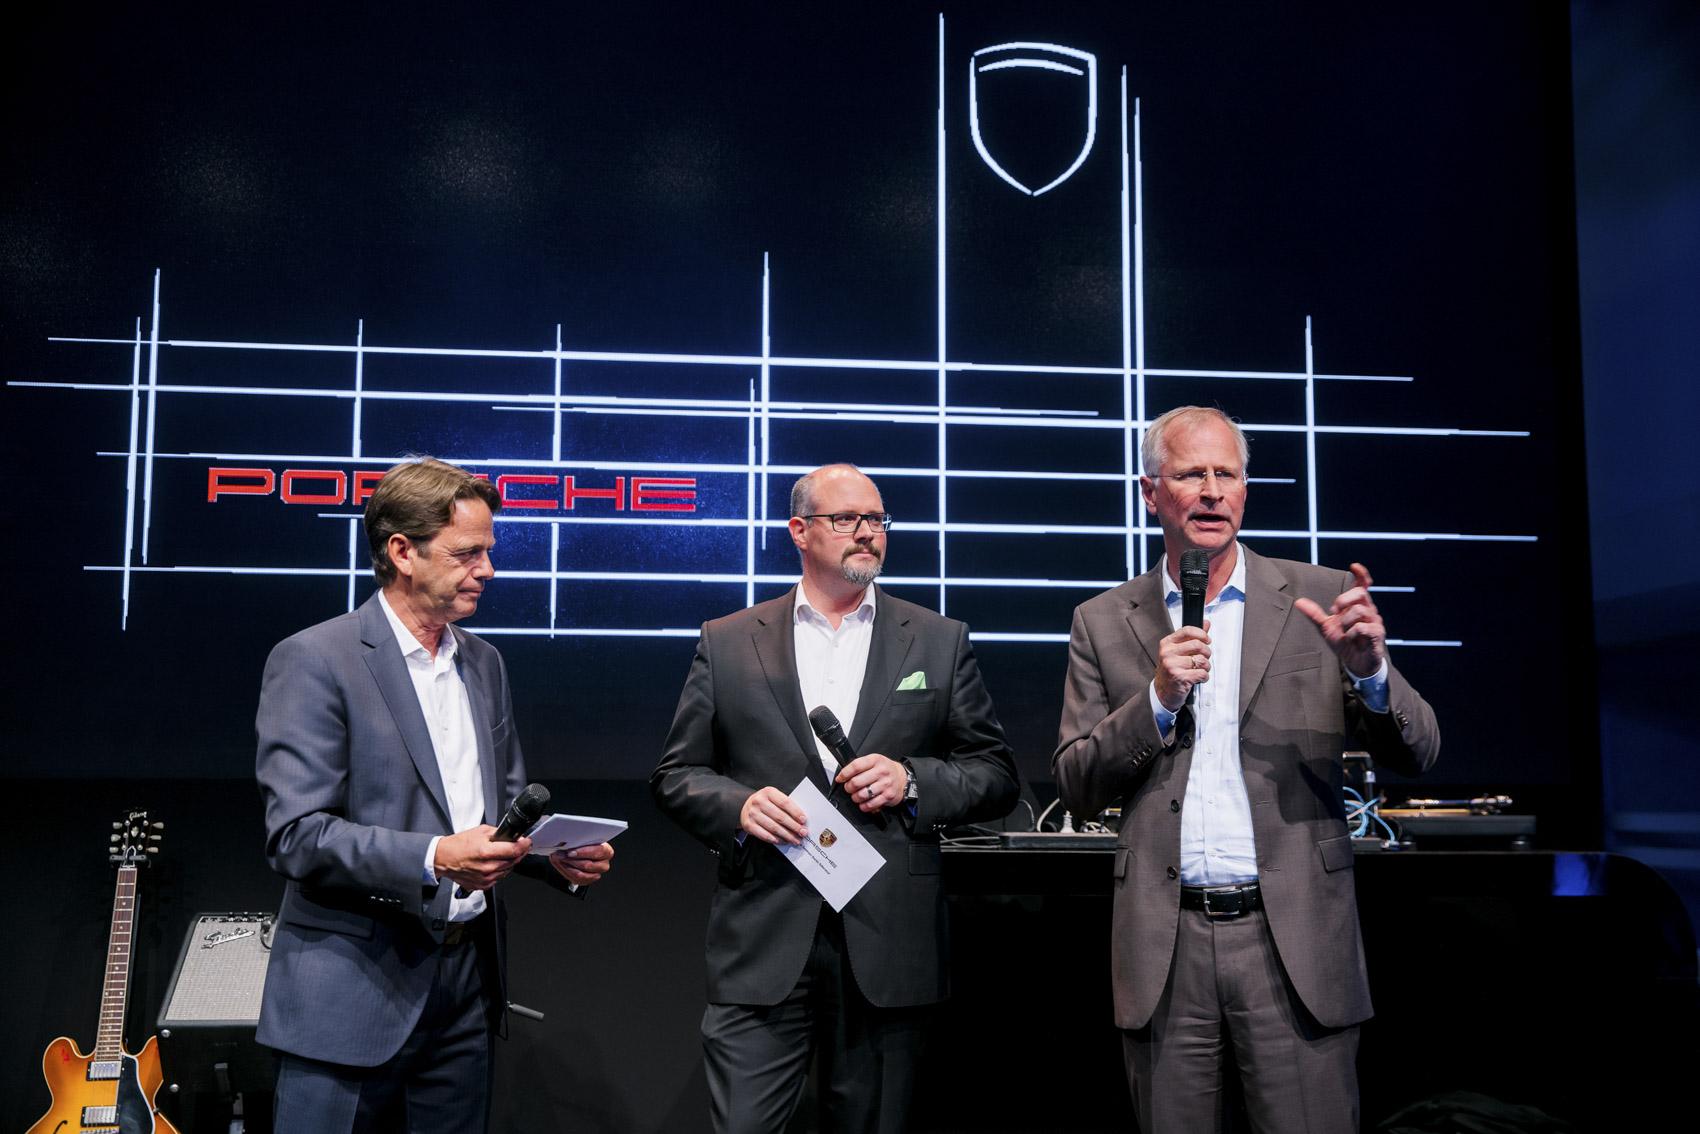 Referenzen Eventfotografie: Fahrzeugpremiere bei Porsche